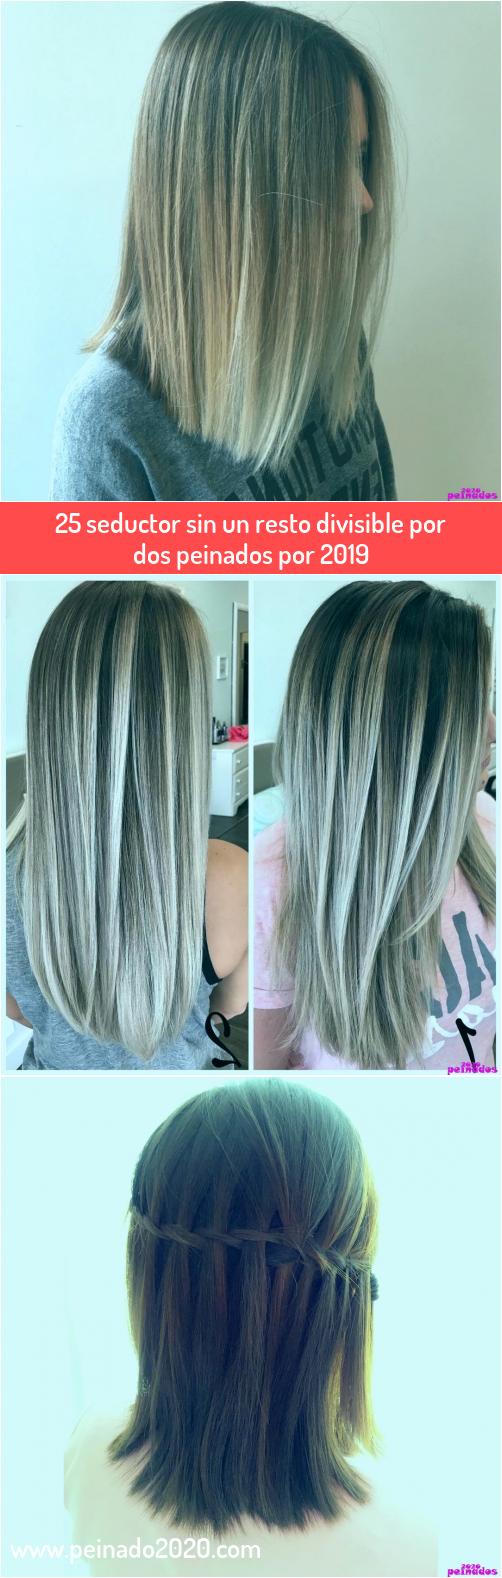 Photo of 25 seductor sin un resto divisible por dos peinados por 2019